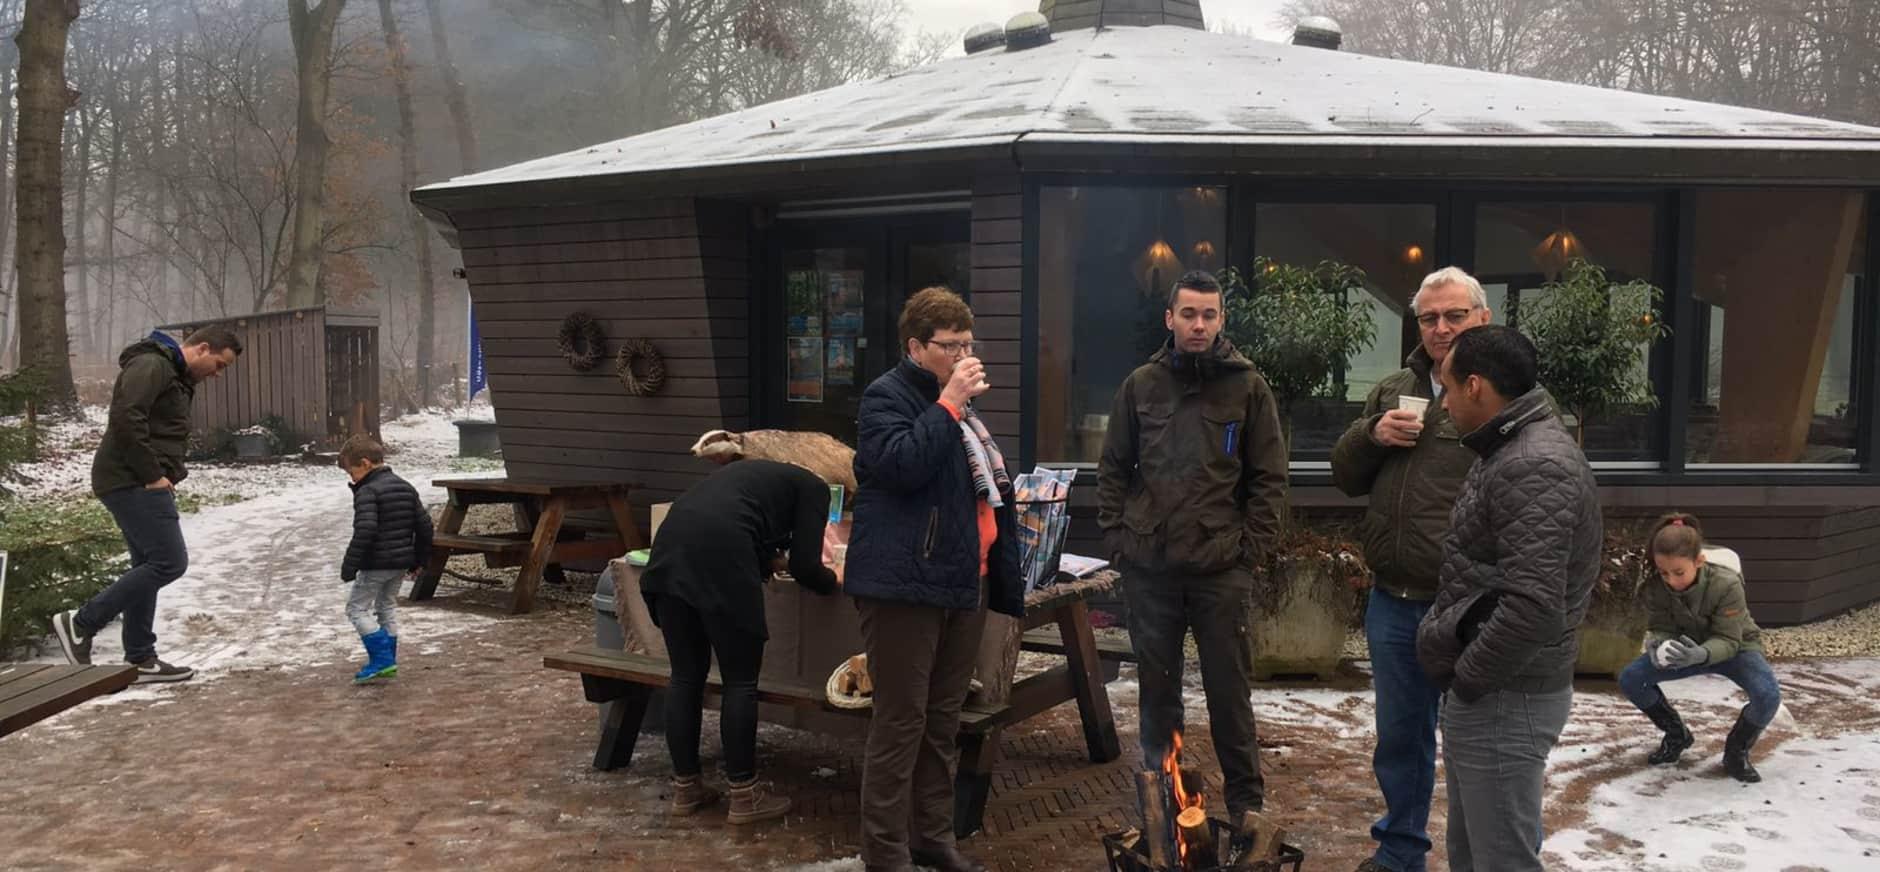 Succesvol warm welkom Oud Groevenbeek